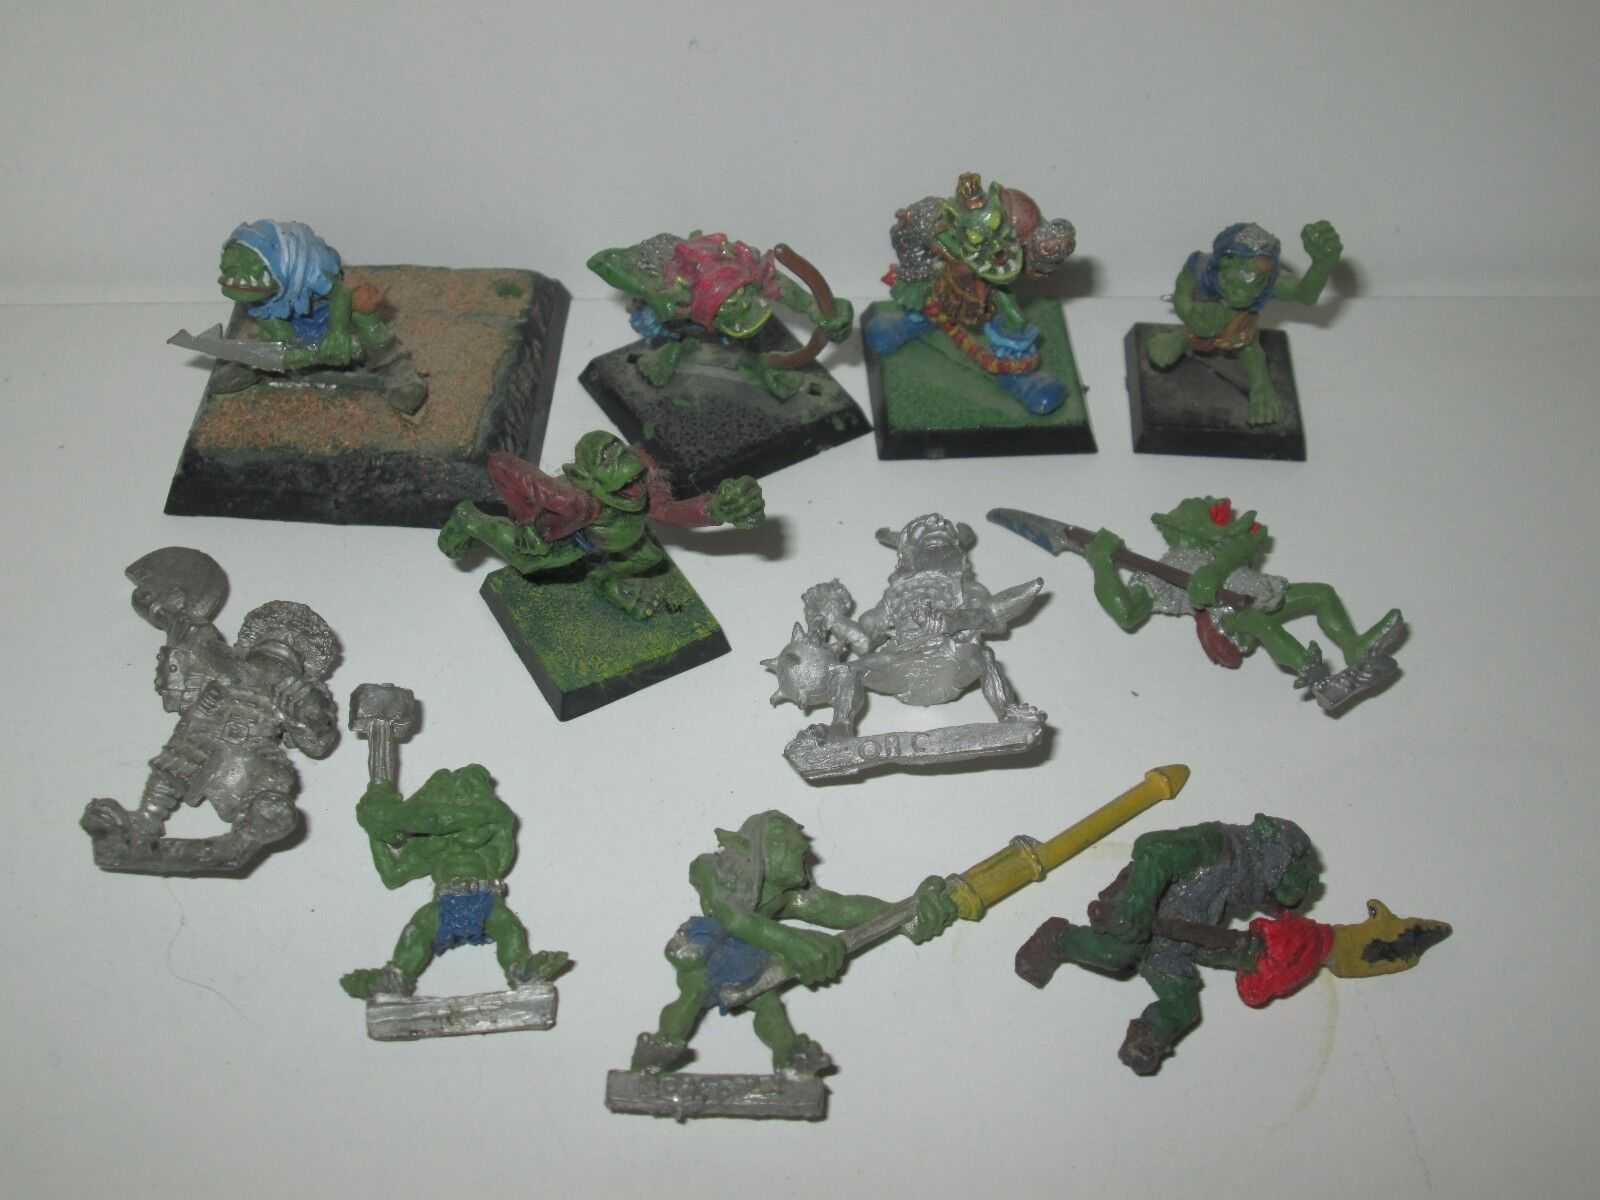 Warhammer orcos y goblins 11x hierro garra modelos mixtos mixtos mixtos 1987 metal fuera de 3823 ffa544